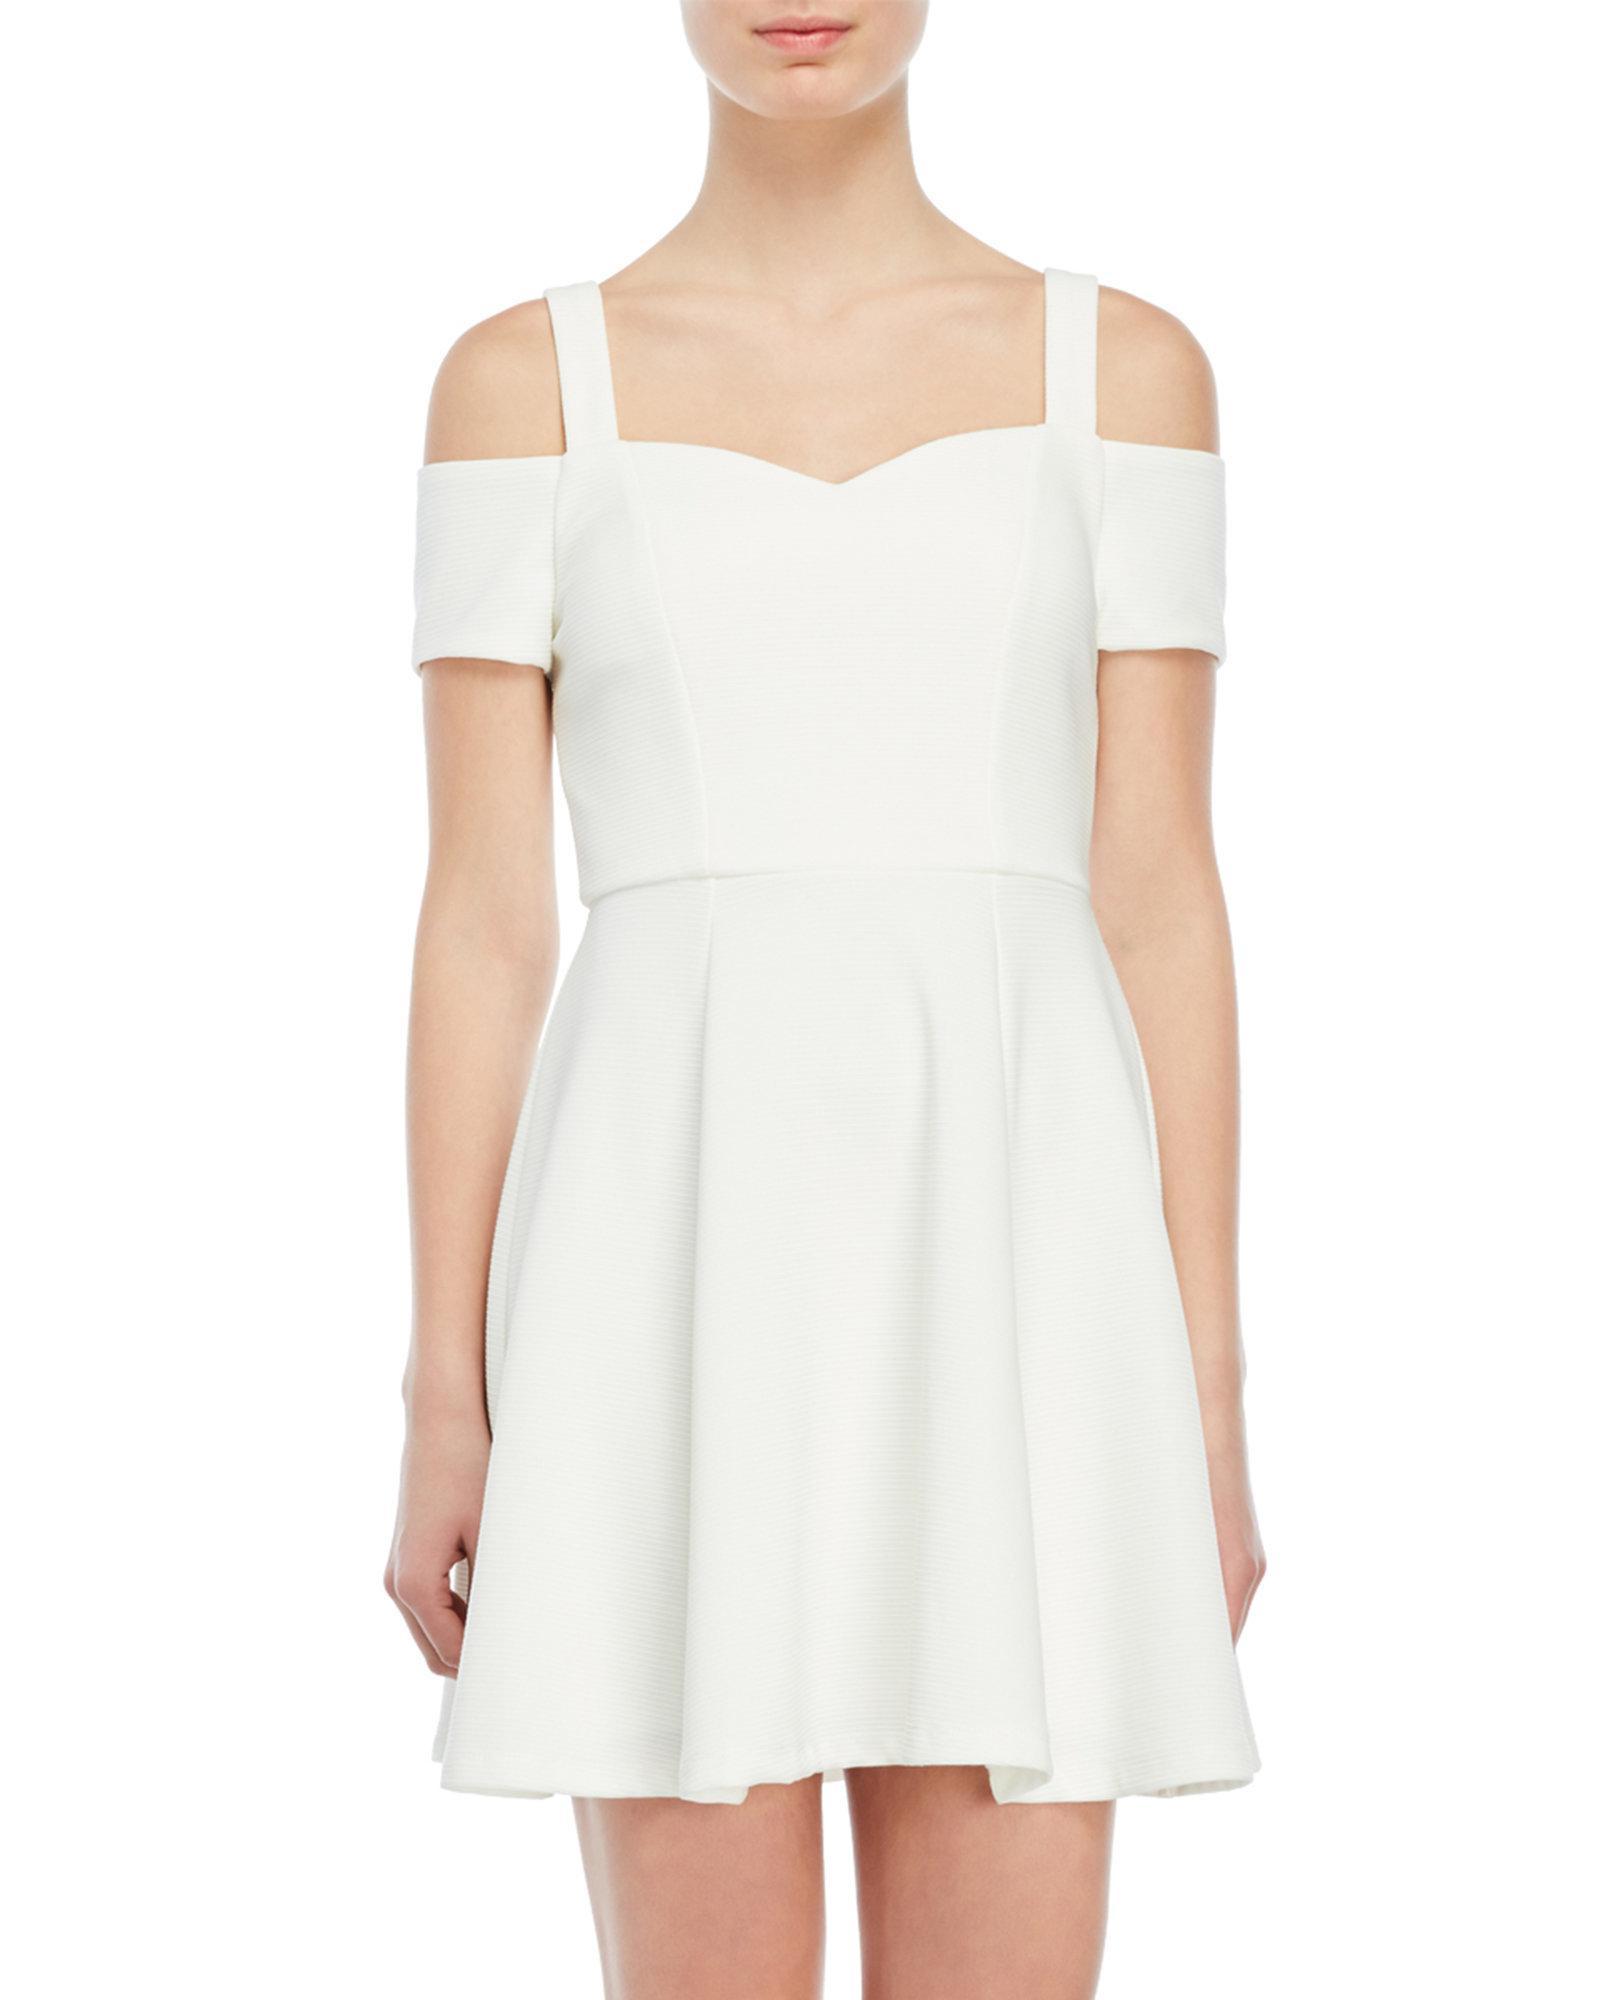 1cc6af33c Emerald Sundae Cold Shoulder Fit & Flare Dress in White - Lyst